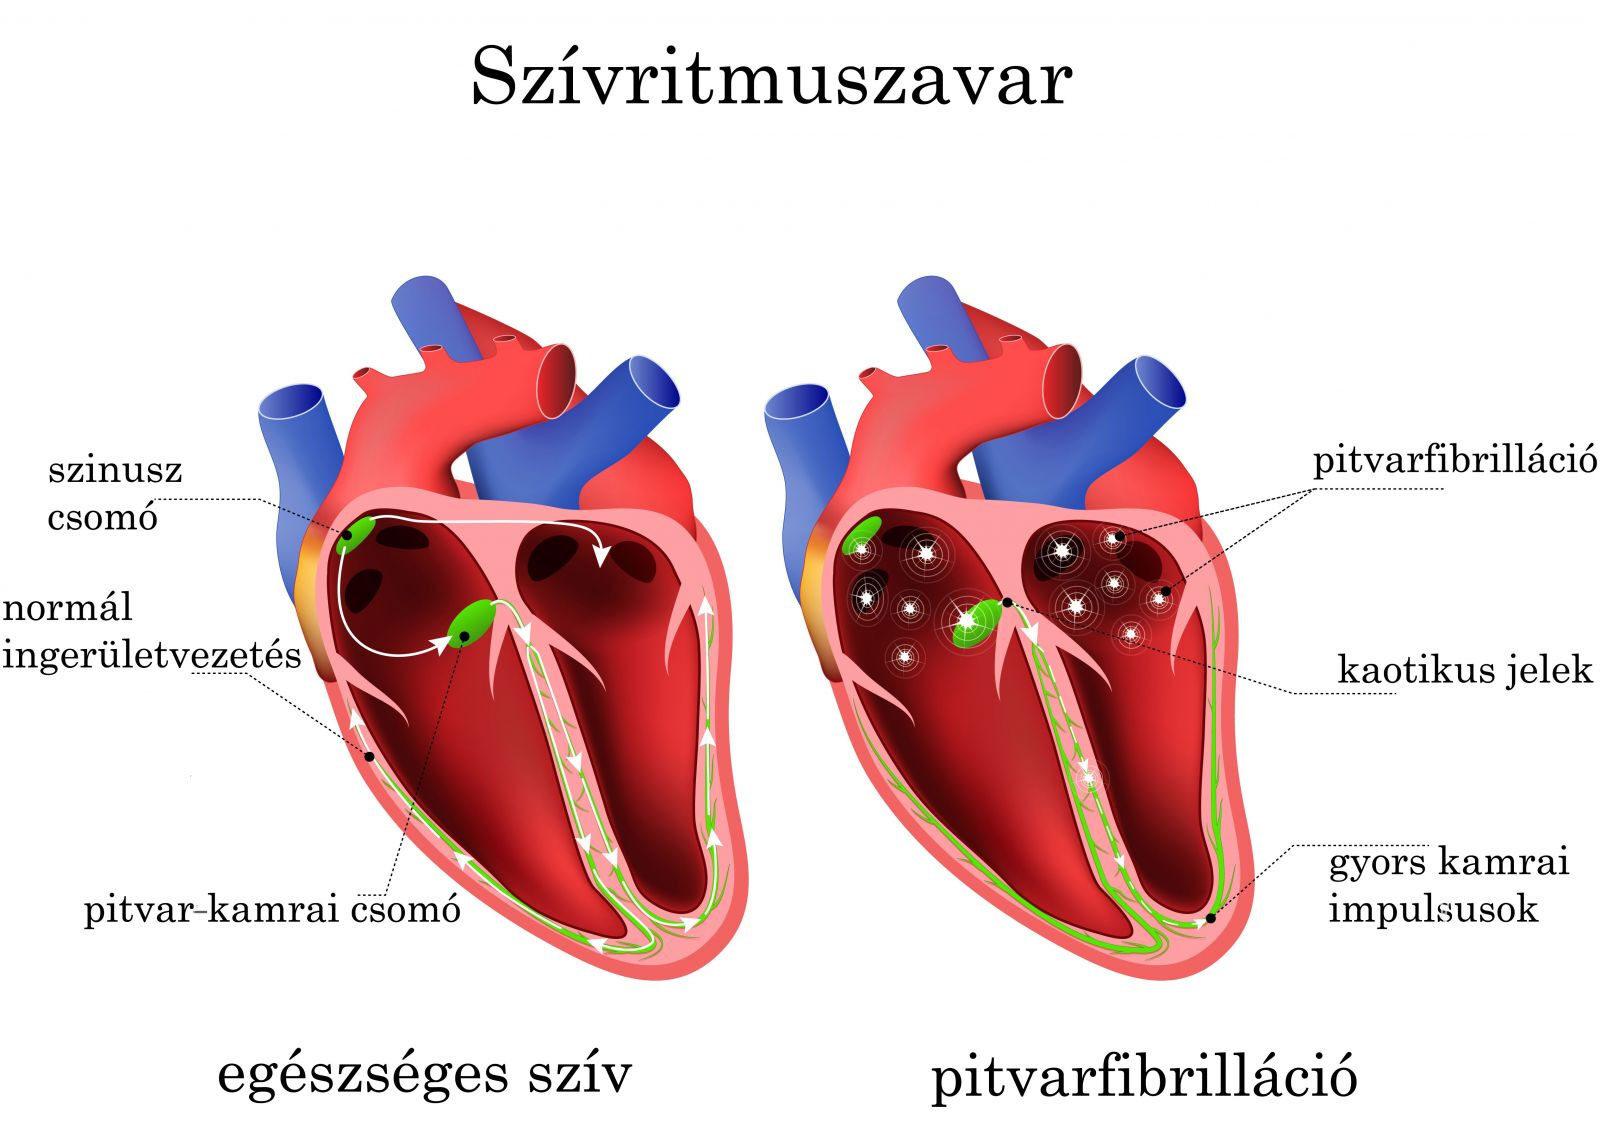 magas vérnyomás tünetei tachycardia depresszió a magas vérnyomás kezelésében